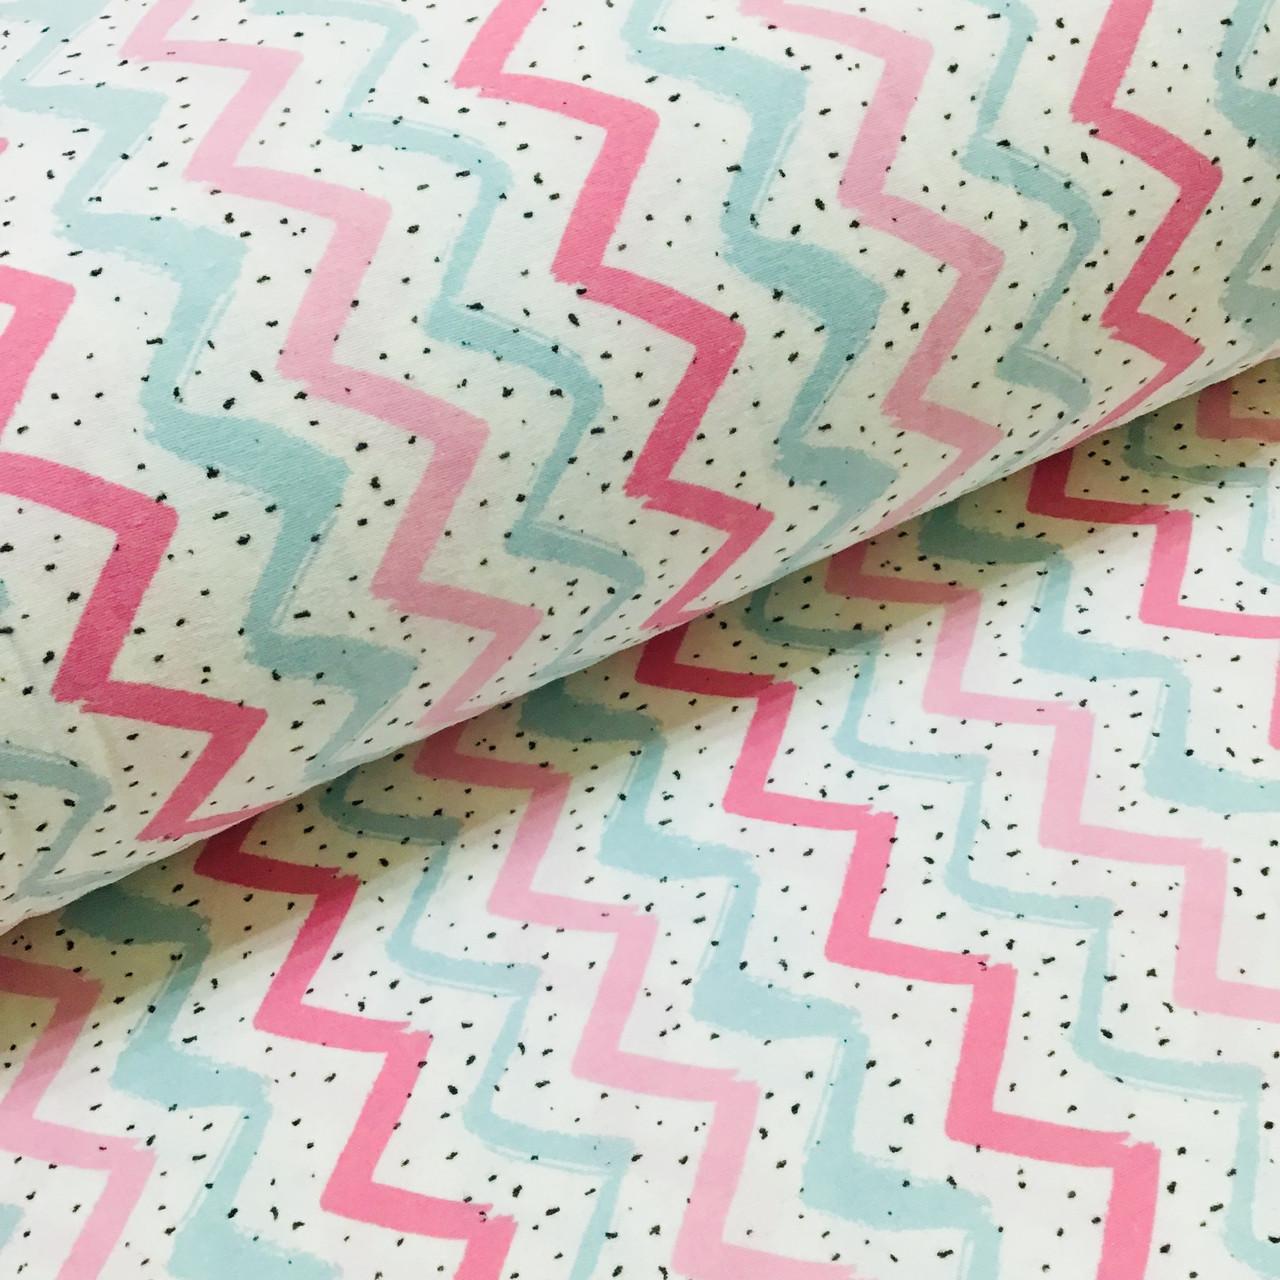 Фланелевая ткань зигзаг мятно-розовый с черными крапинками на белом (шир. 2,4 м) ОТРЕЗ (0.35*2.4)